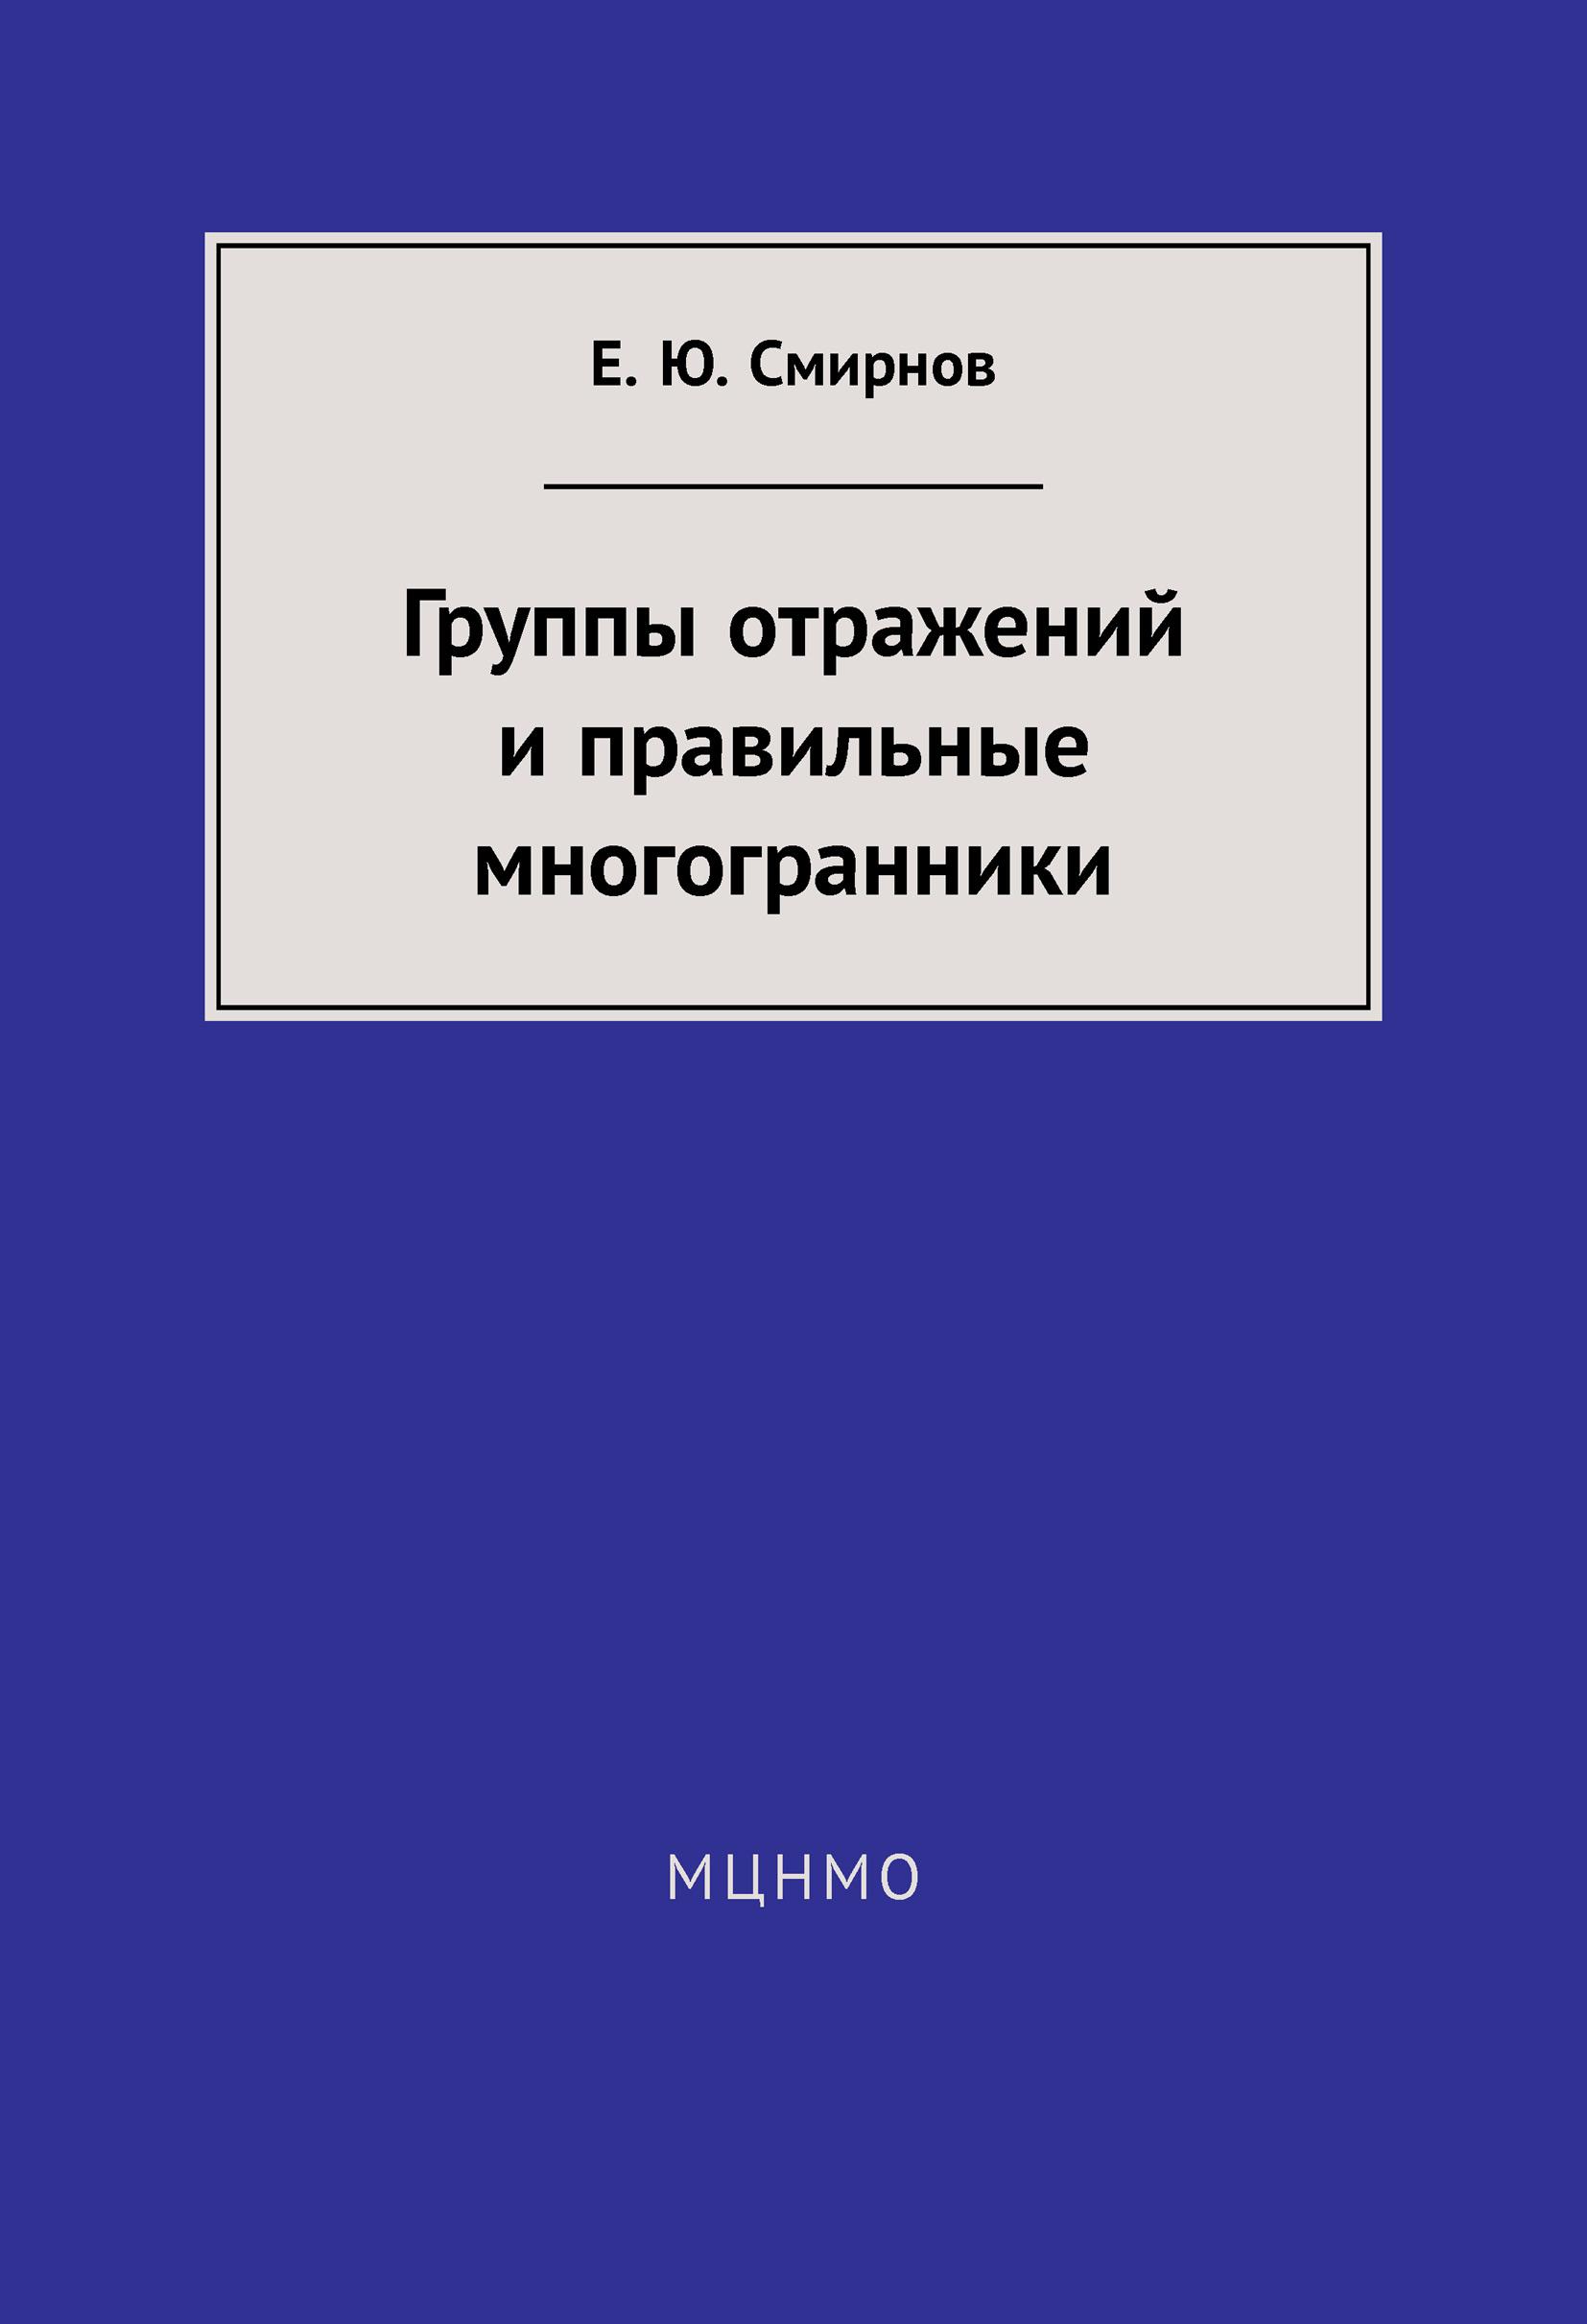 Е. Ю. Смирнов Группы отражений и правильные многогранники е ю смирнов группы отражений и правильные многогранники